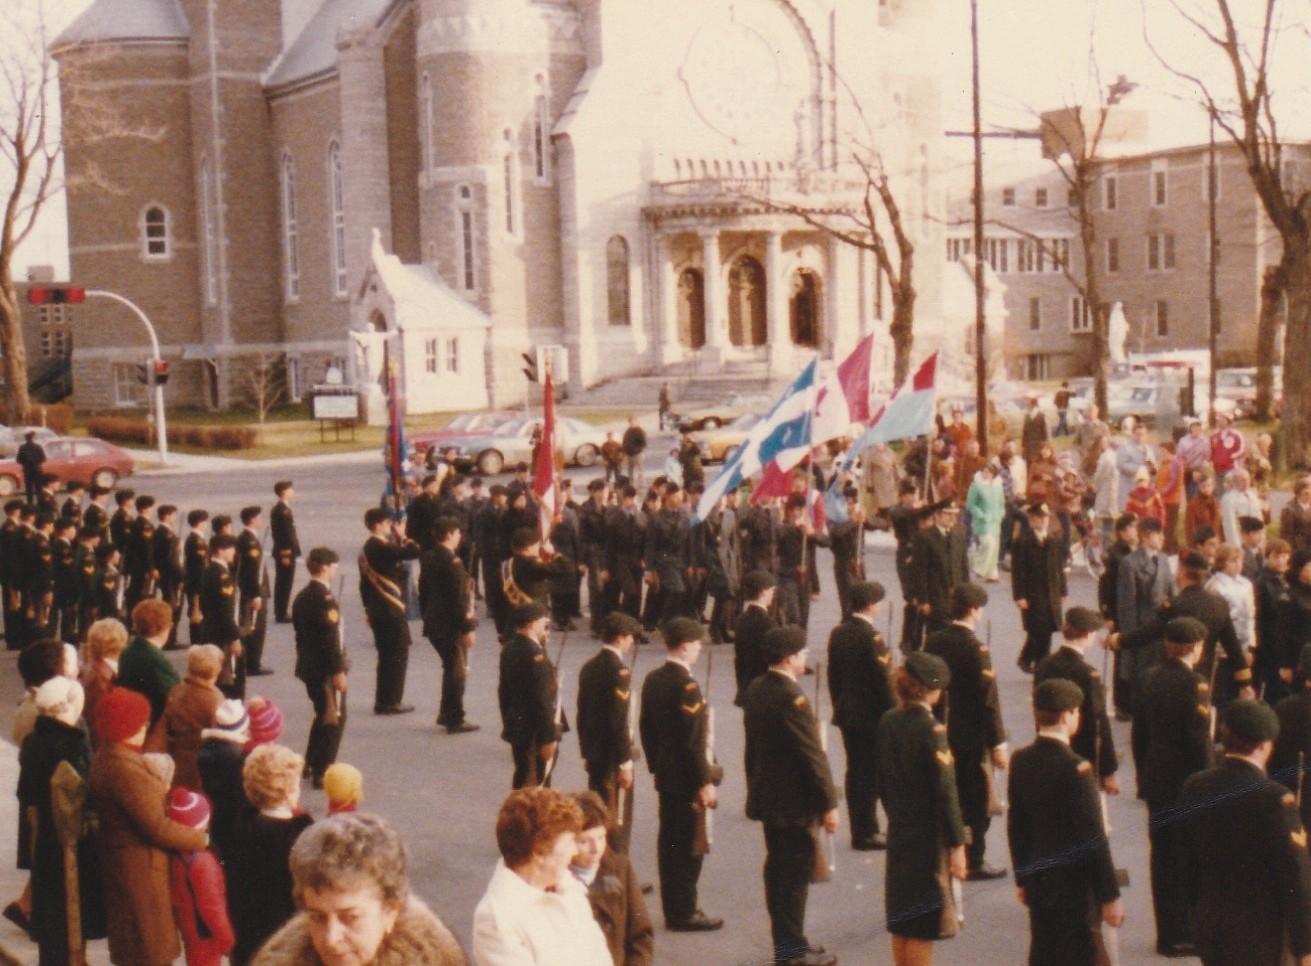 https://0901.nccdn.net/4_2/000/000/05c/240/Parade-du-Souvenir-1977.jpg